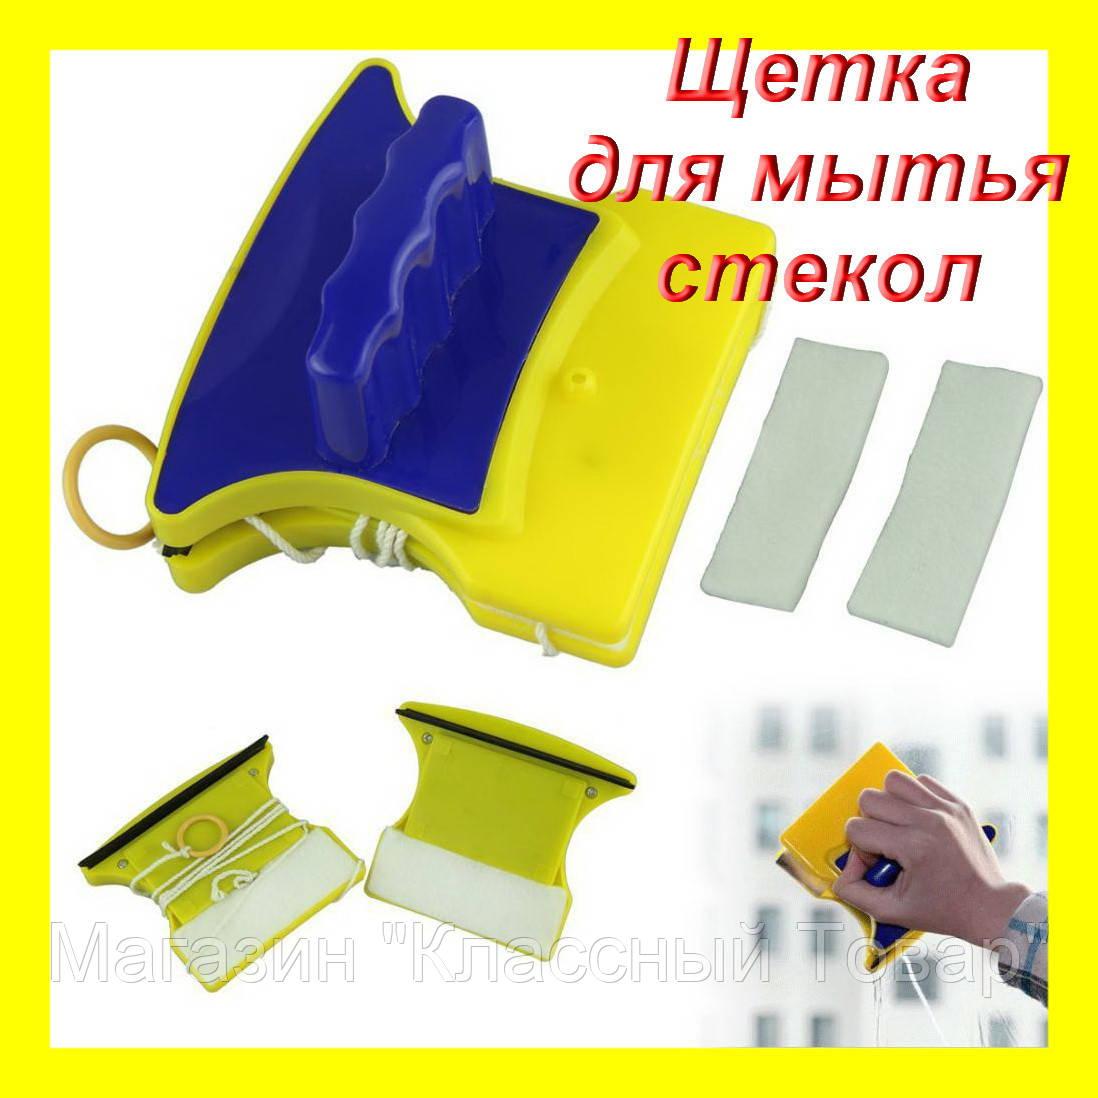 Магнитная двусторонняя щетка для мытья стекол Double Sided Glass Cleaner!Лучший подарок